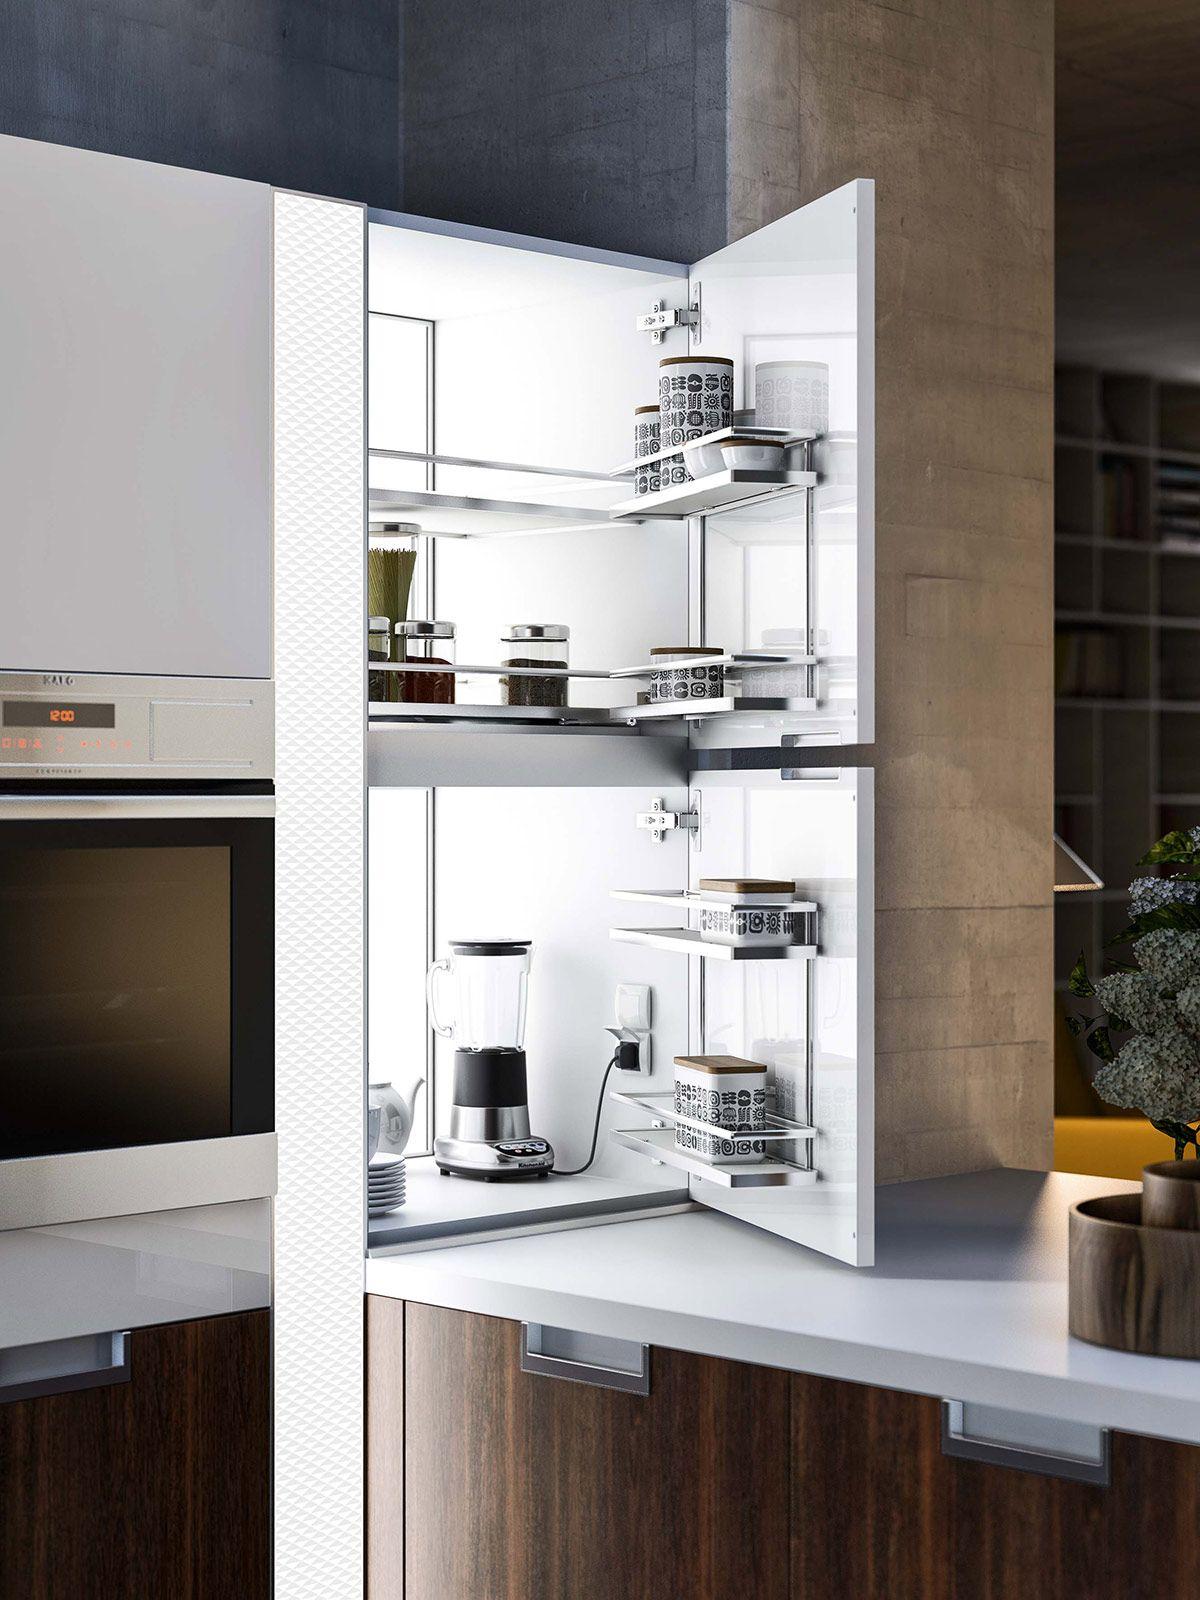 Image result for soluzioni d\'angolo cucine | Angolo CUCINA | Pinterest